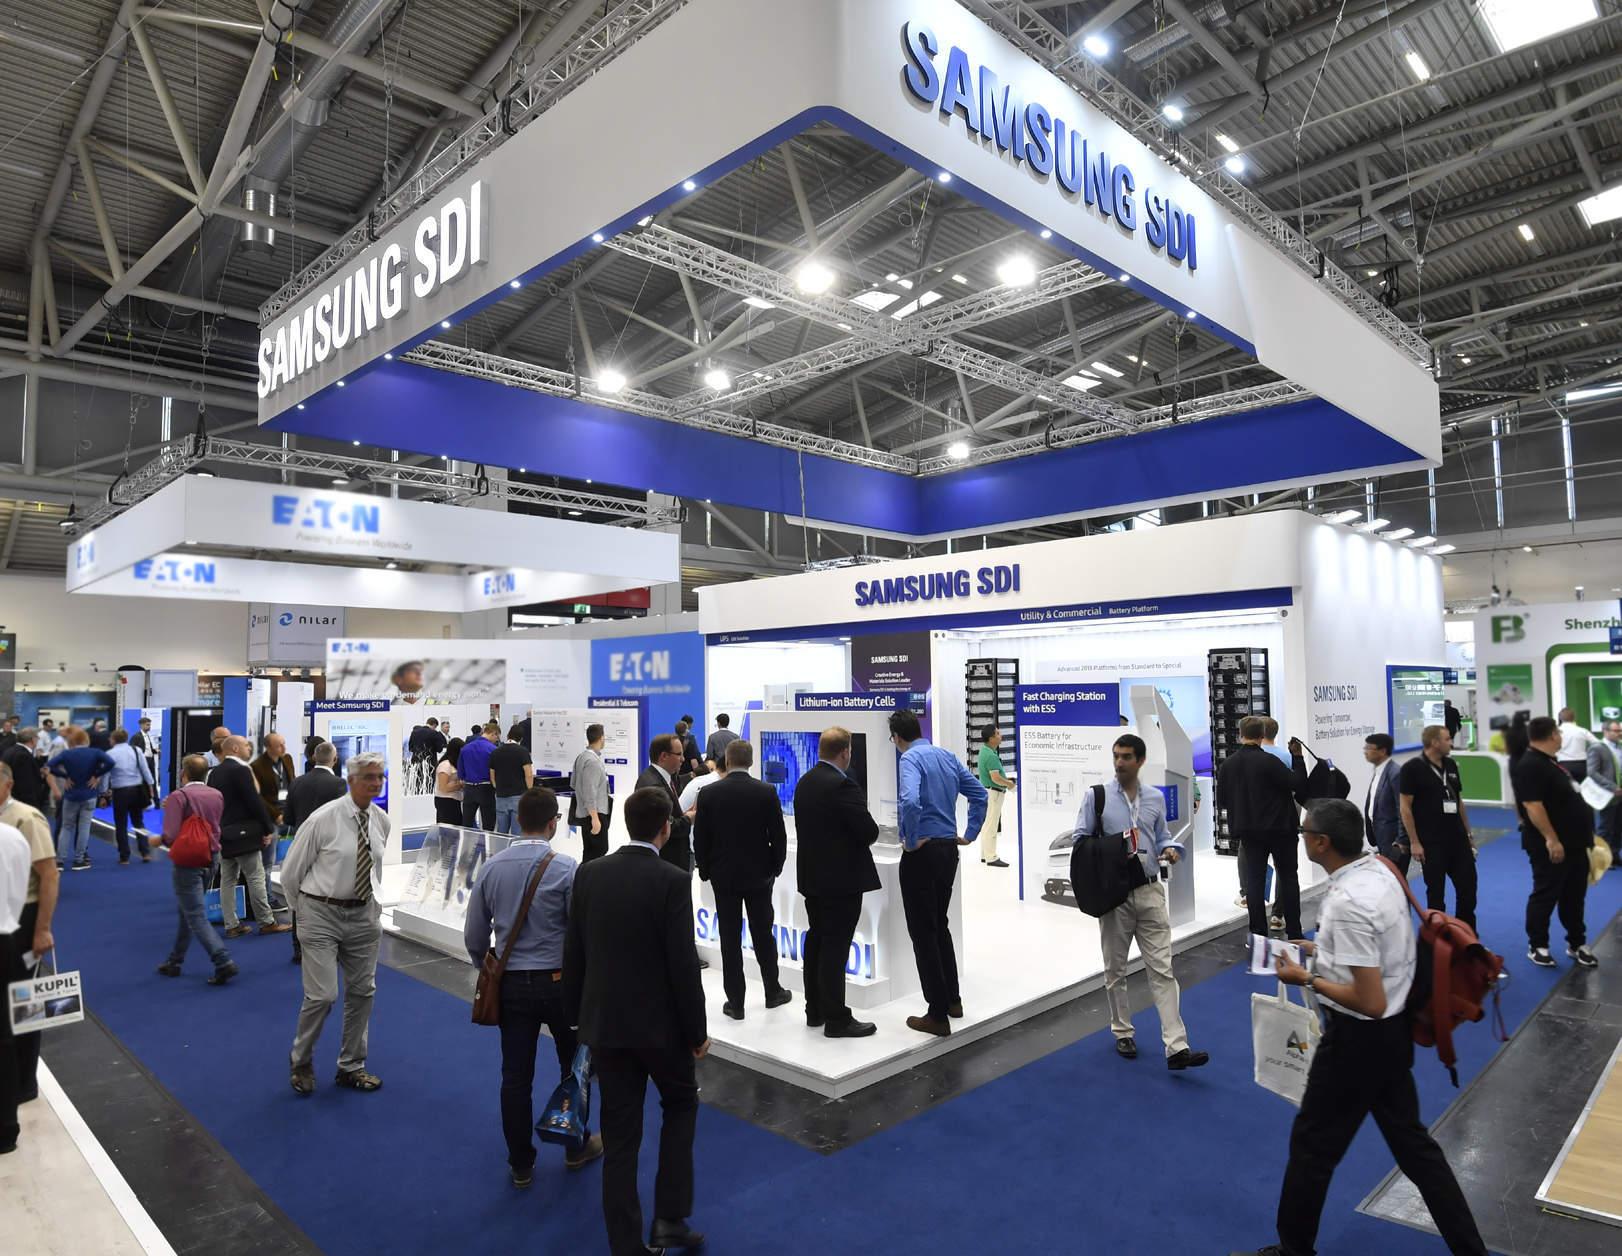 Samsung_SDI